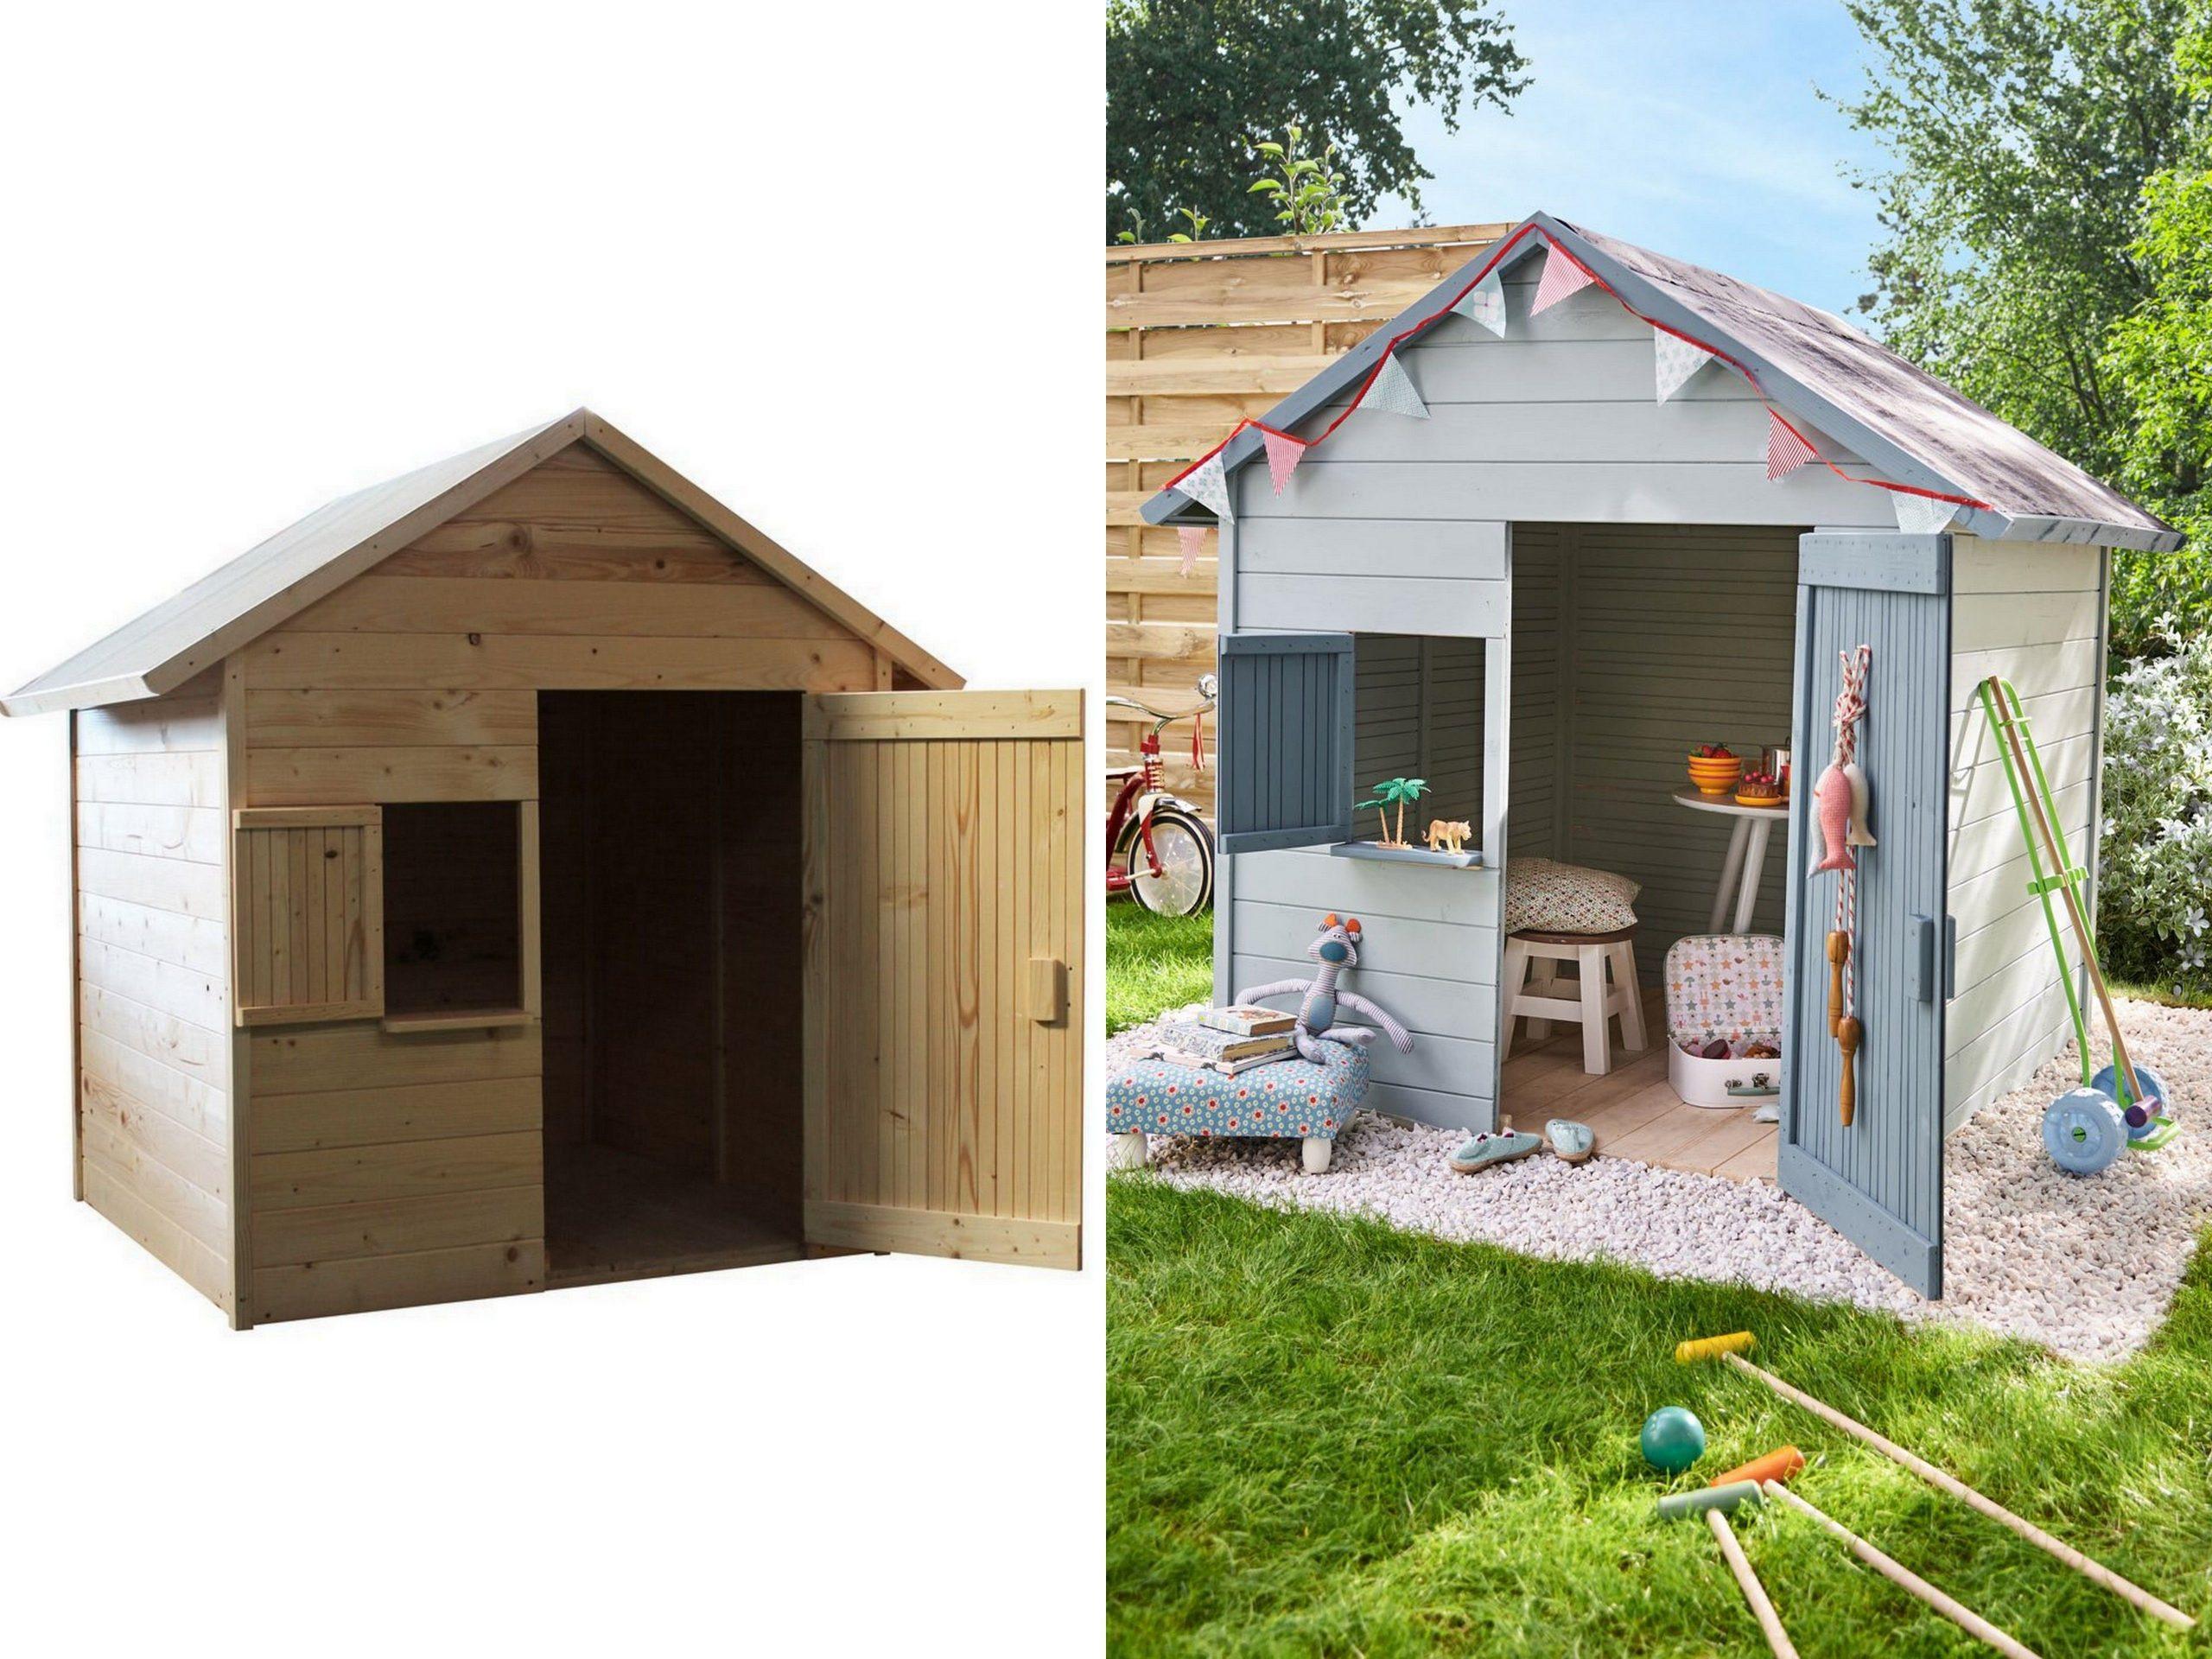 Une Cabane En Bois Pour Enfant À Prix Doux   Abri De Jardin ... avec Maison De Jardin Enfant Pas Cher